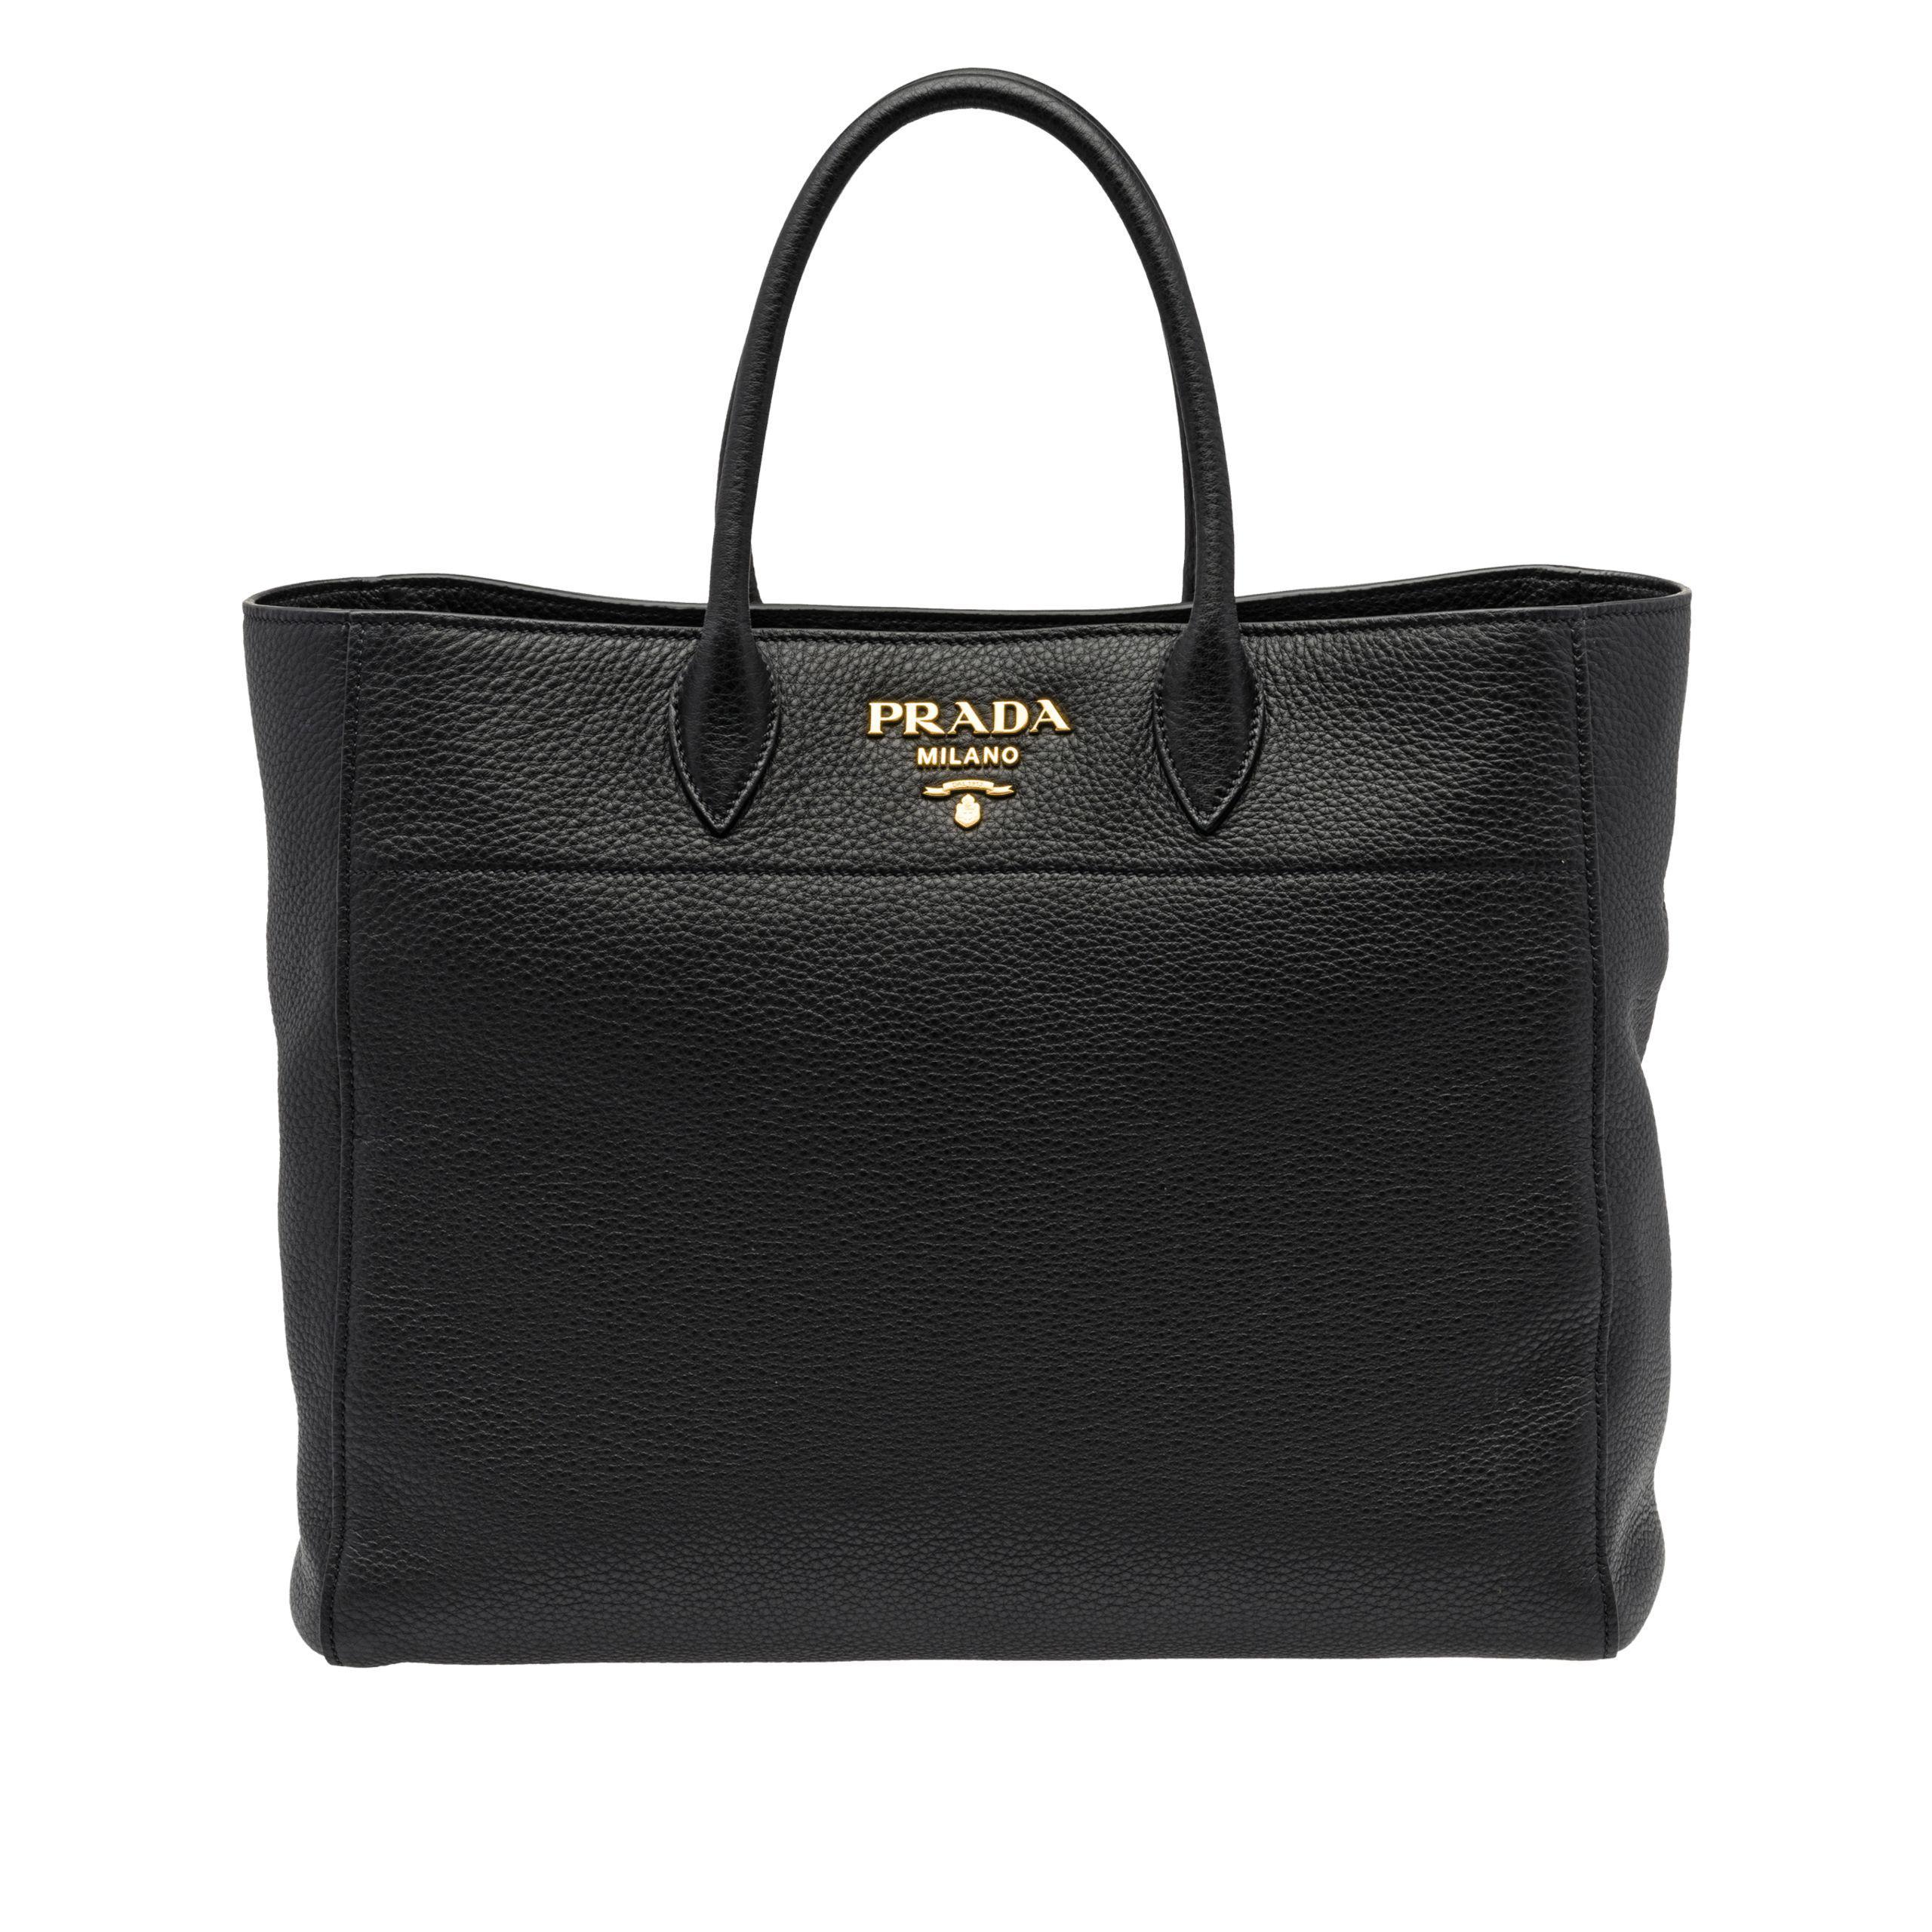 Prada - Black Leather Tote Bag - Lyst. View fullscreen 84c201ad1cf6